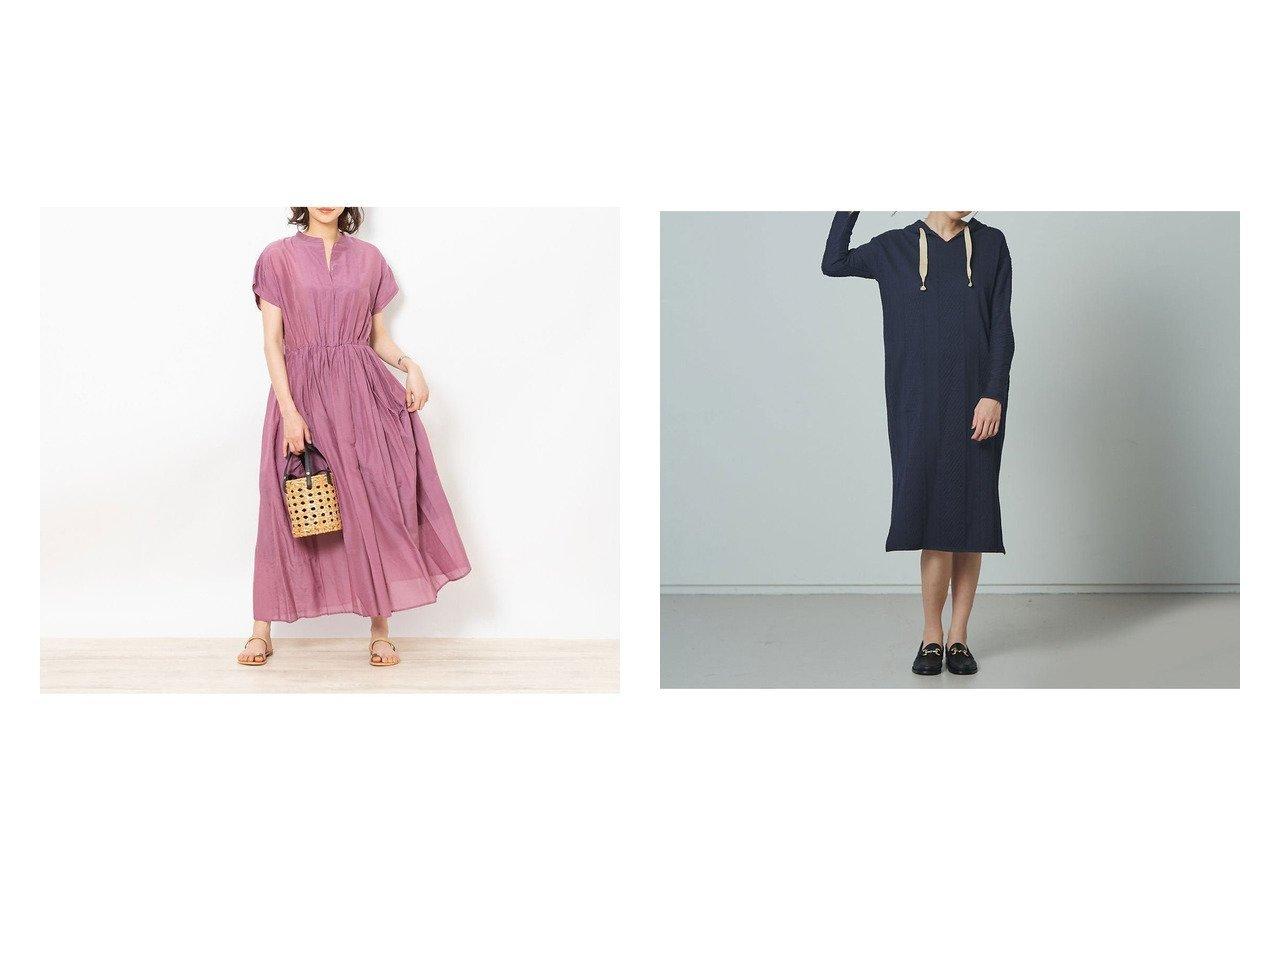 【Rouge vif la cle/ルージュヴィフラクレ】の【Audrey snd John Wad】 コットンシルクロングワンピース&【Mylanka】ケーブル柄ジャガードワンピース ワンピース・ドレスのおすすめ!人気、トレンド・レディースファッションの通販 おすすめで人気の流行・トレンド、ファッションの通販商品 メンズファッション・キッズファッション・インテリア・家具・レディースファッション・服の通販 founy(ファニー) https://founy.com/ ファッション Fashion レディースファッション WOMEN ワンピース Dress 春 Spring シューズ シルク トレンド ベーシック リゾート 2020年 2020 S/S 春夏 SS Spring/Summer 2020 春夏 S/S SS Spring/Summer 2020 シンプル デニム リボン A/W 秋冬 AW Autumn/Winter / FW Fall-Winter 2020-2021 秋冬 A/W AW Autumn/Winter / FW Fall-Winter 2020-2021 |ID:crp329100000016183